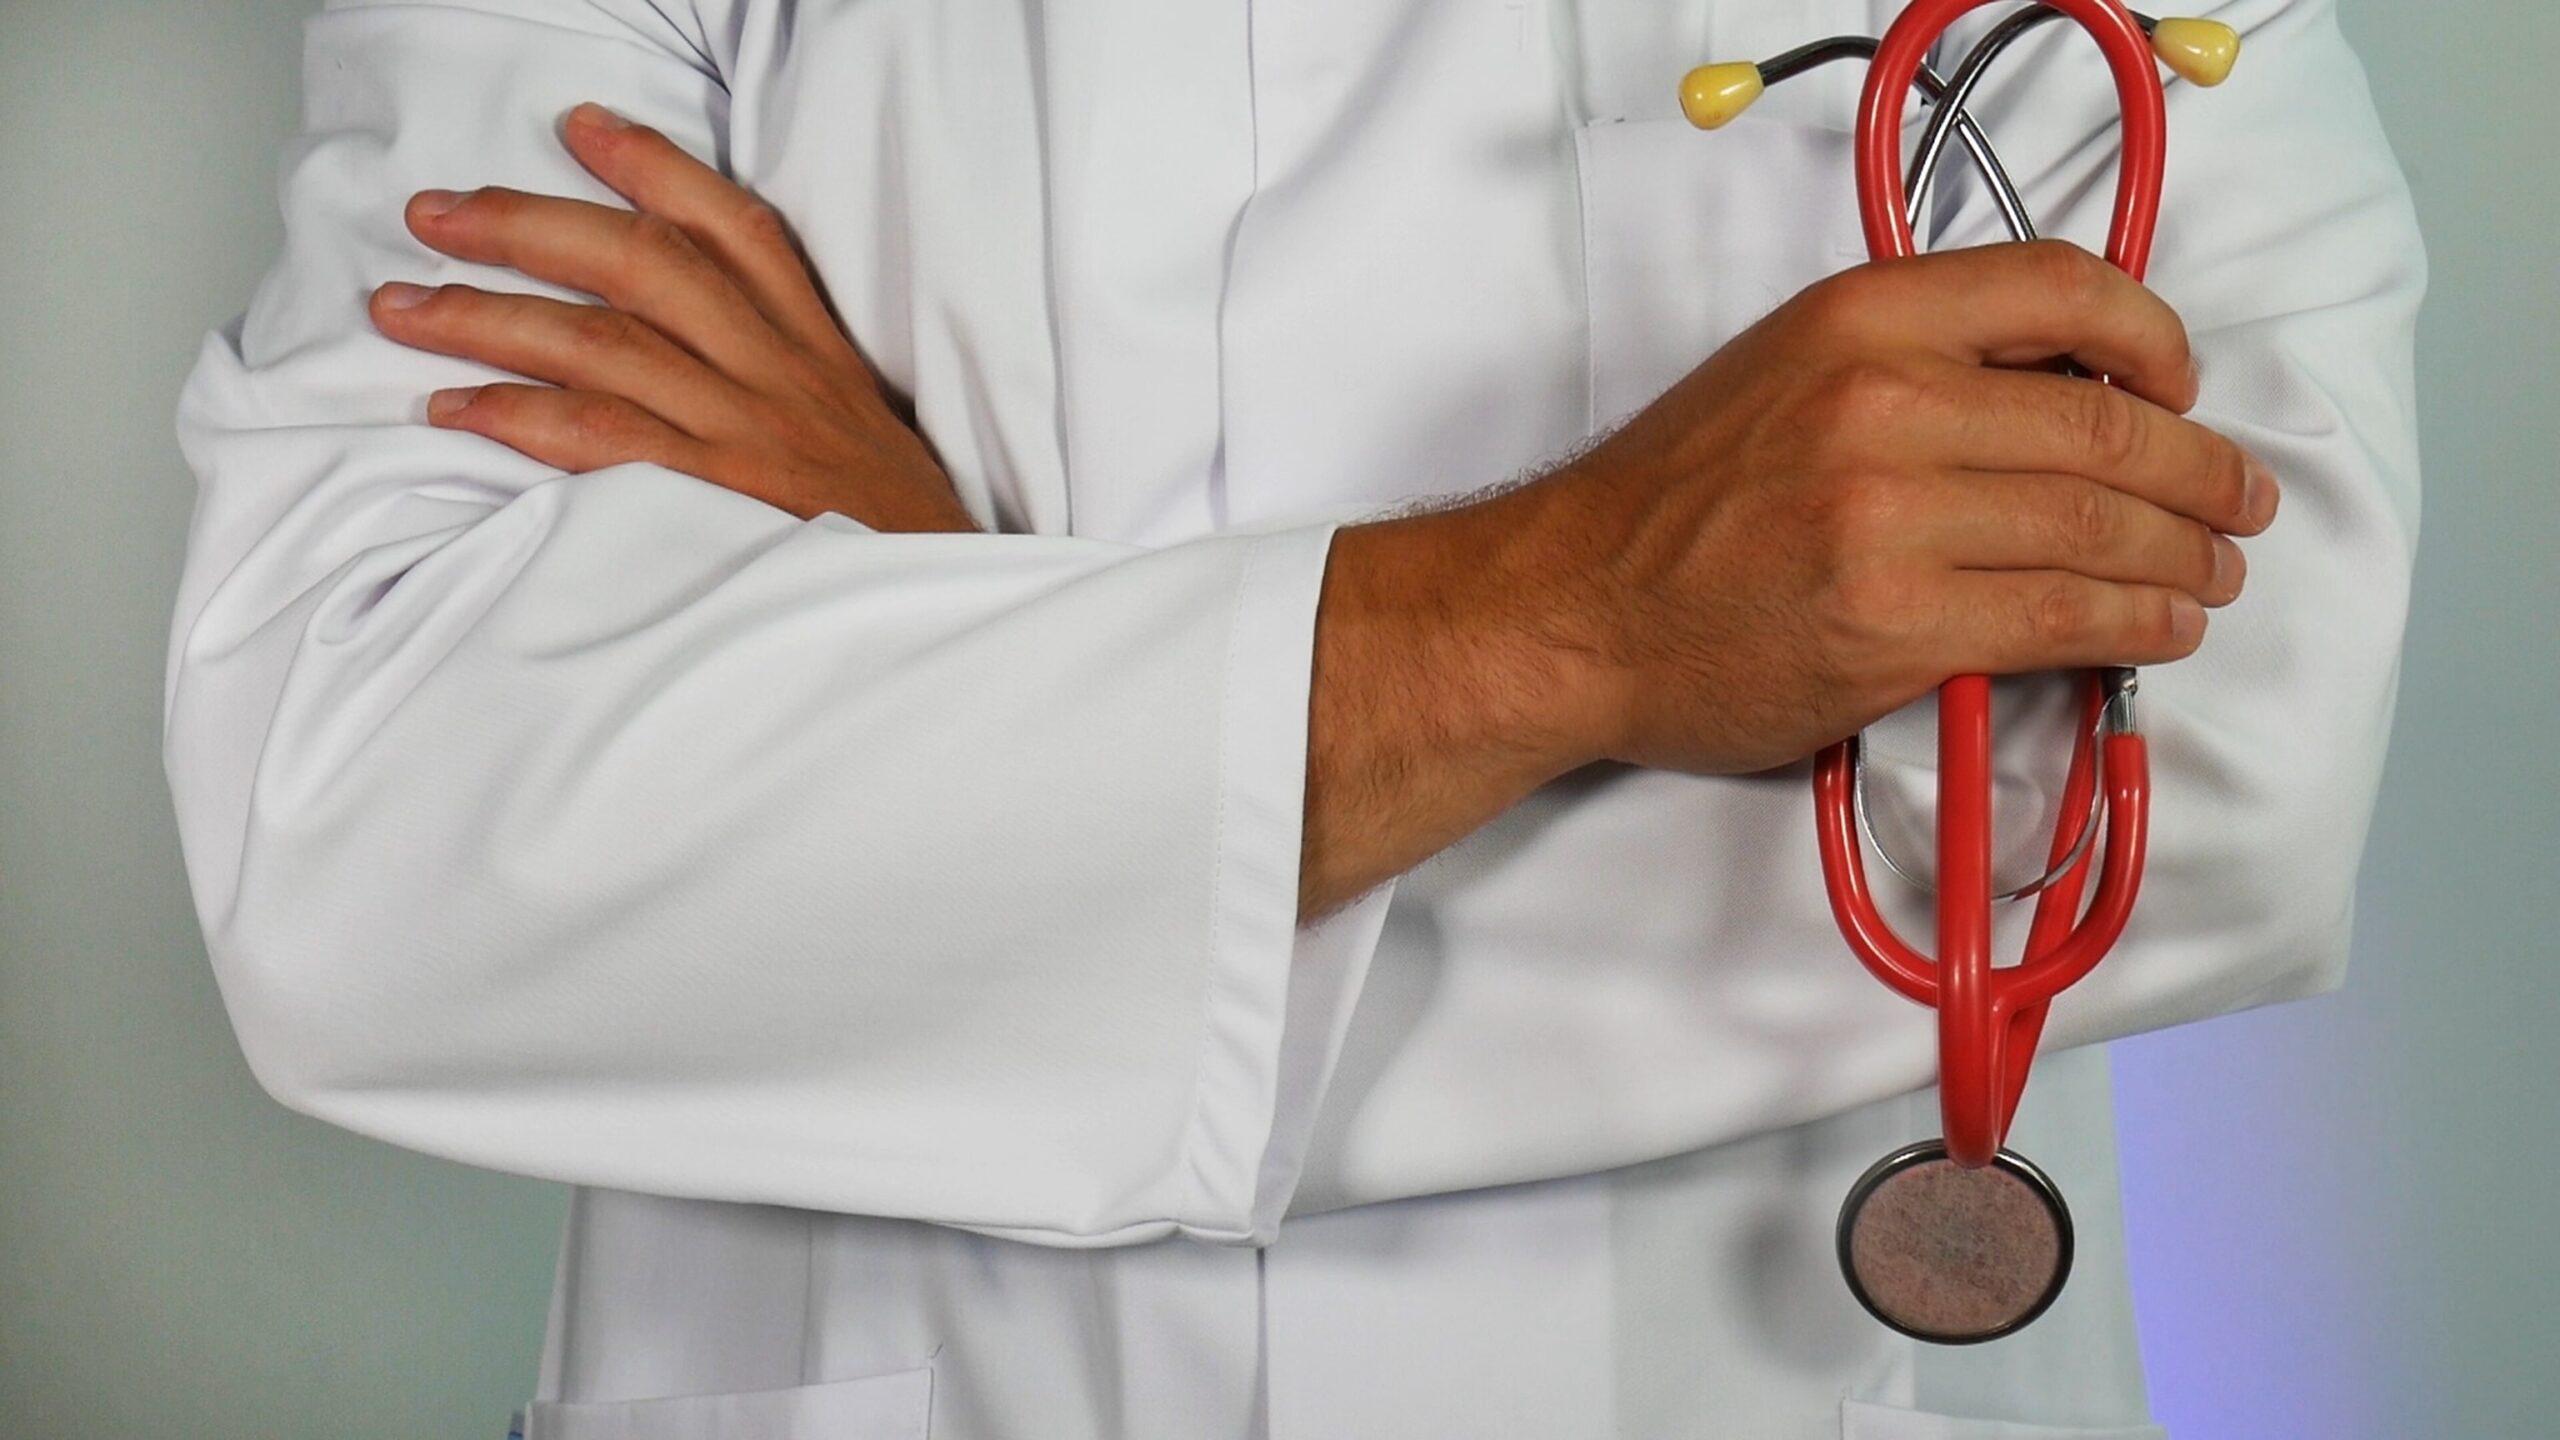 Czy podmiot leczniczy może odmówić świadczenia zdrowotnego?